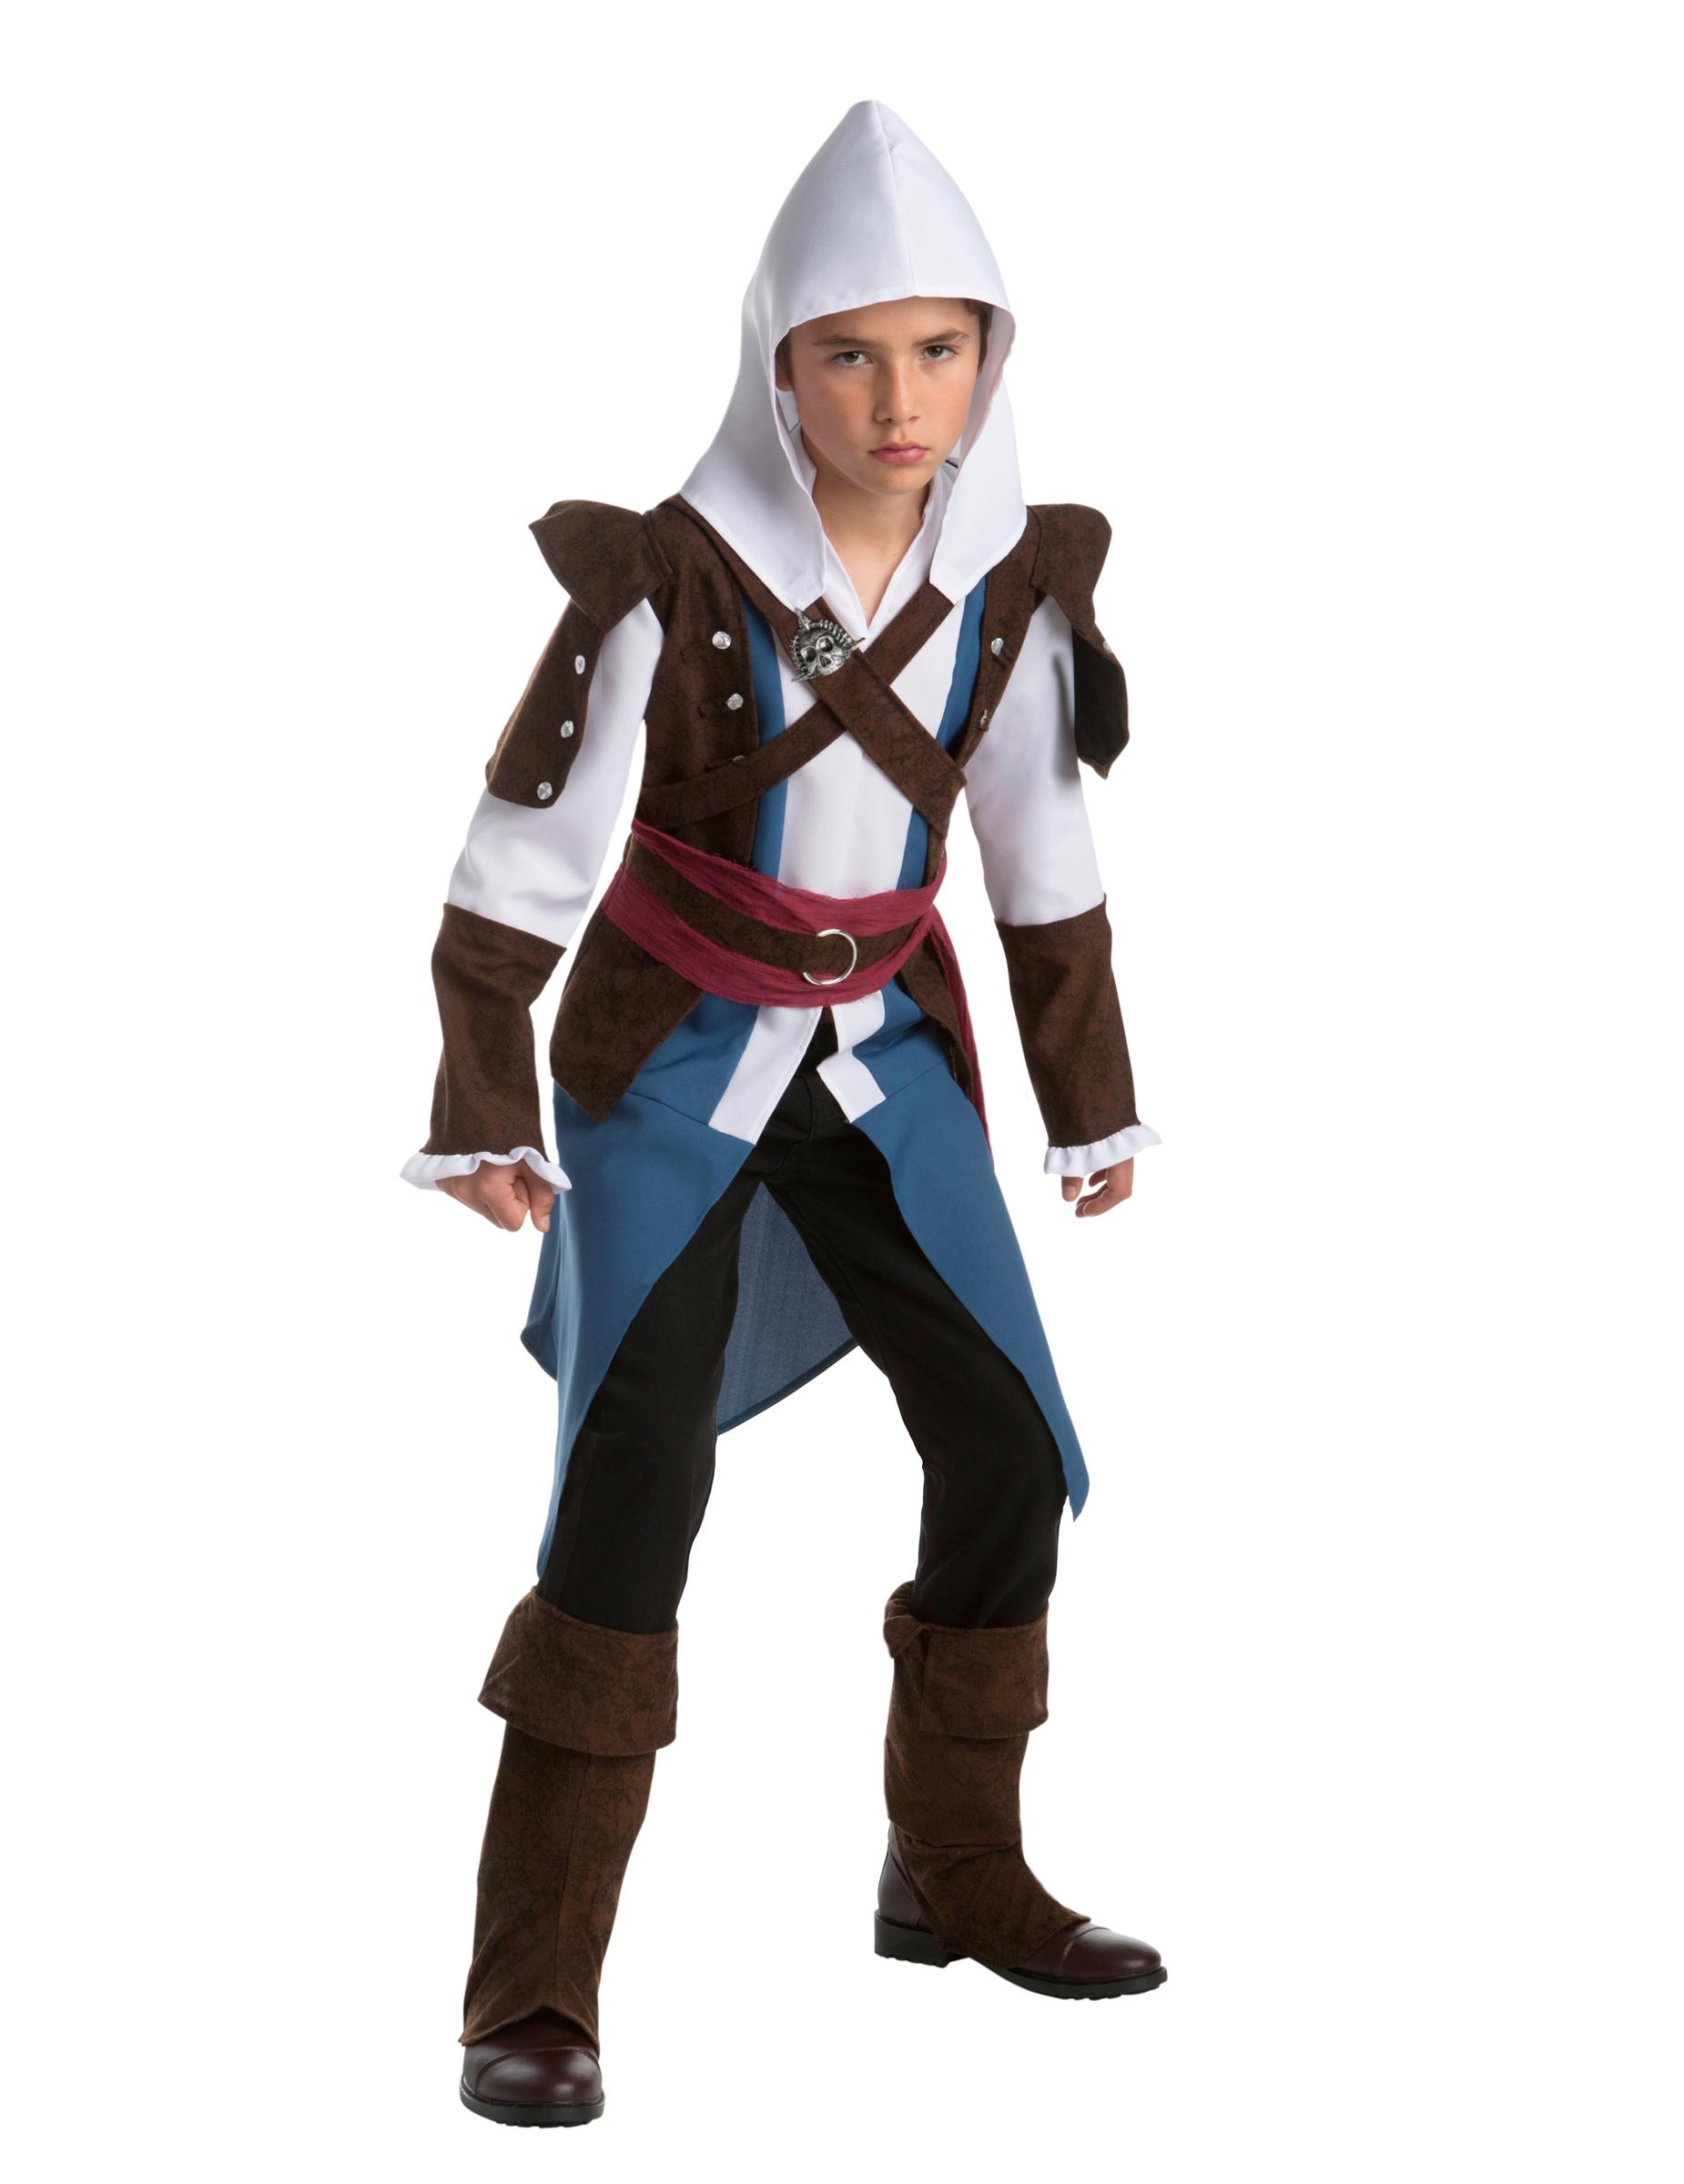 Dguisements dHalloween pour adolescent et costumes